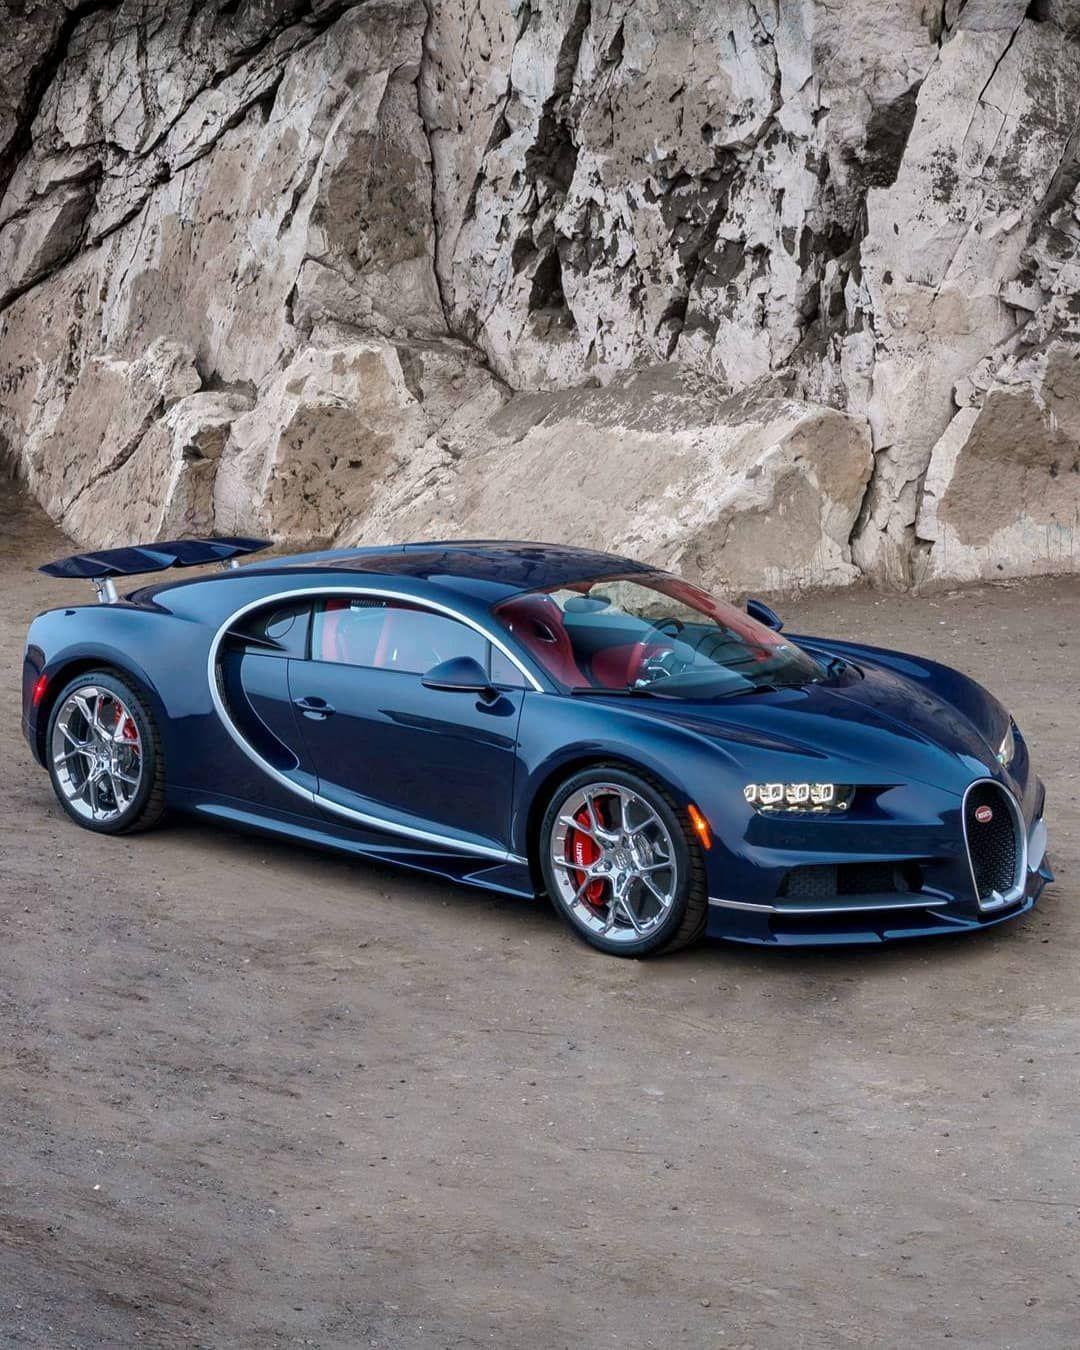 Bugatti chiron bugatti chiron second fastest car